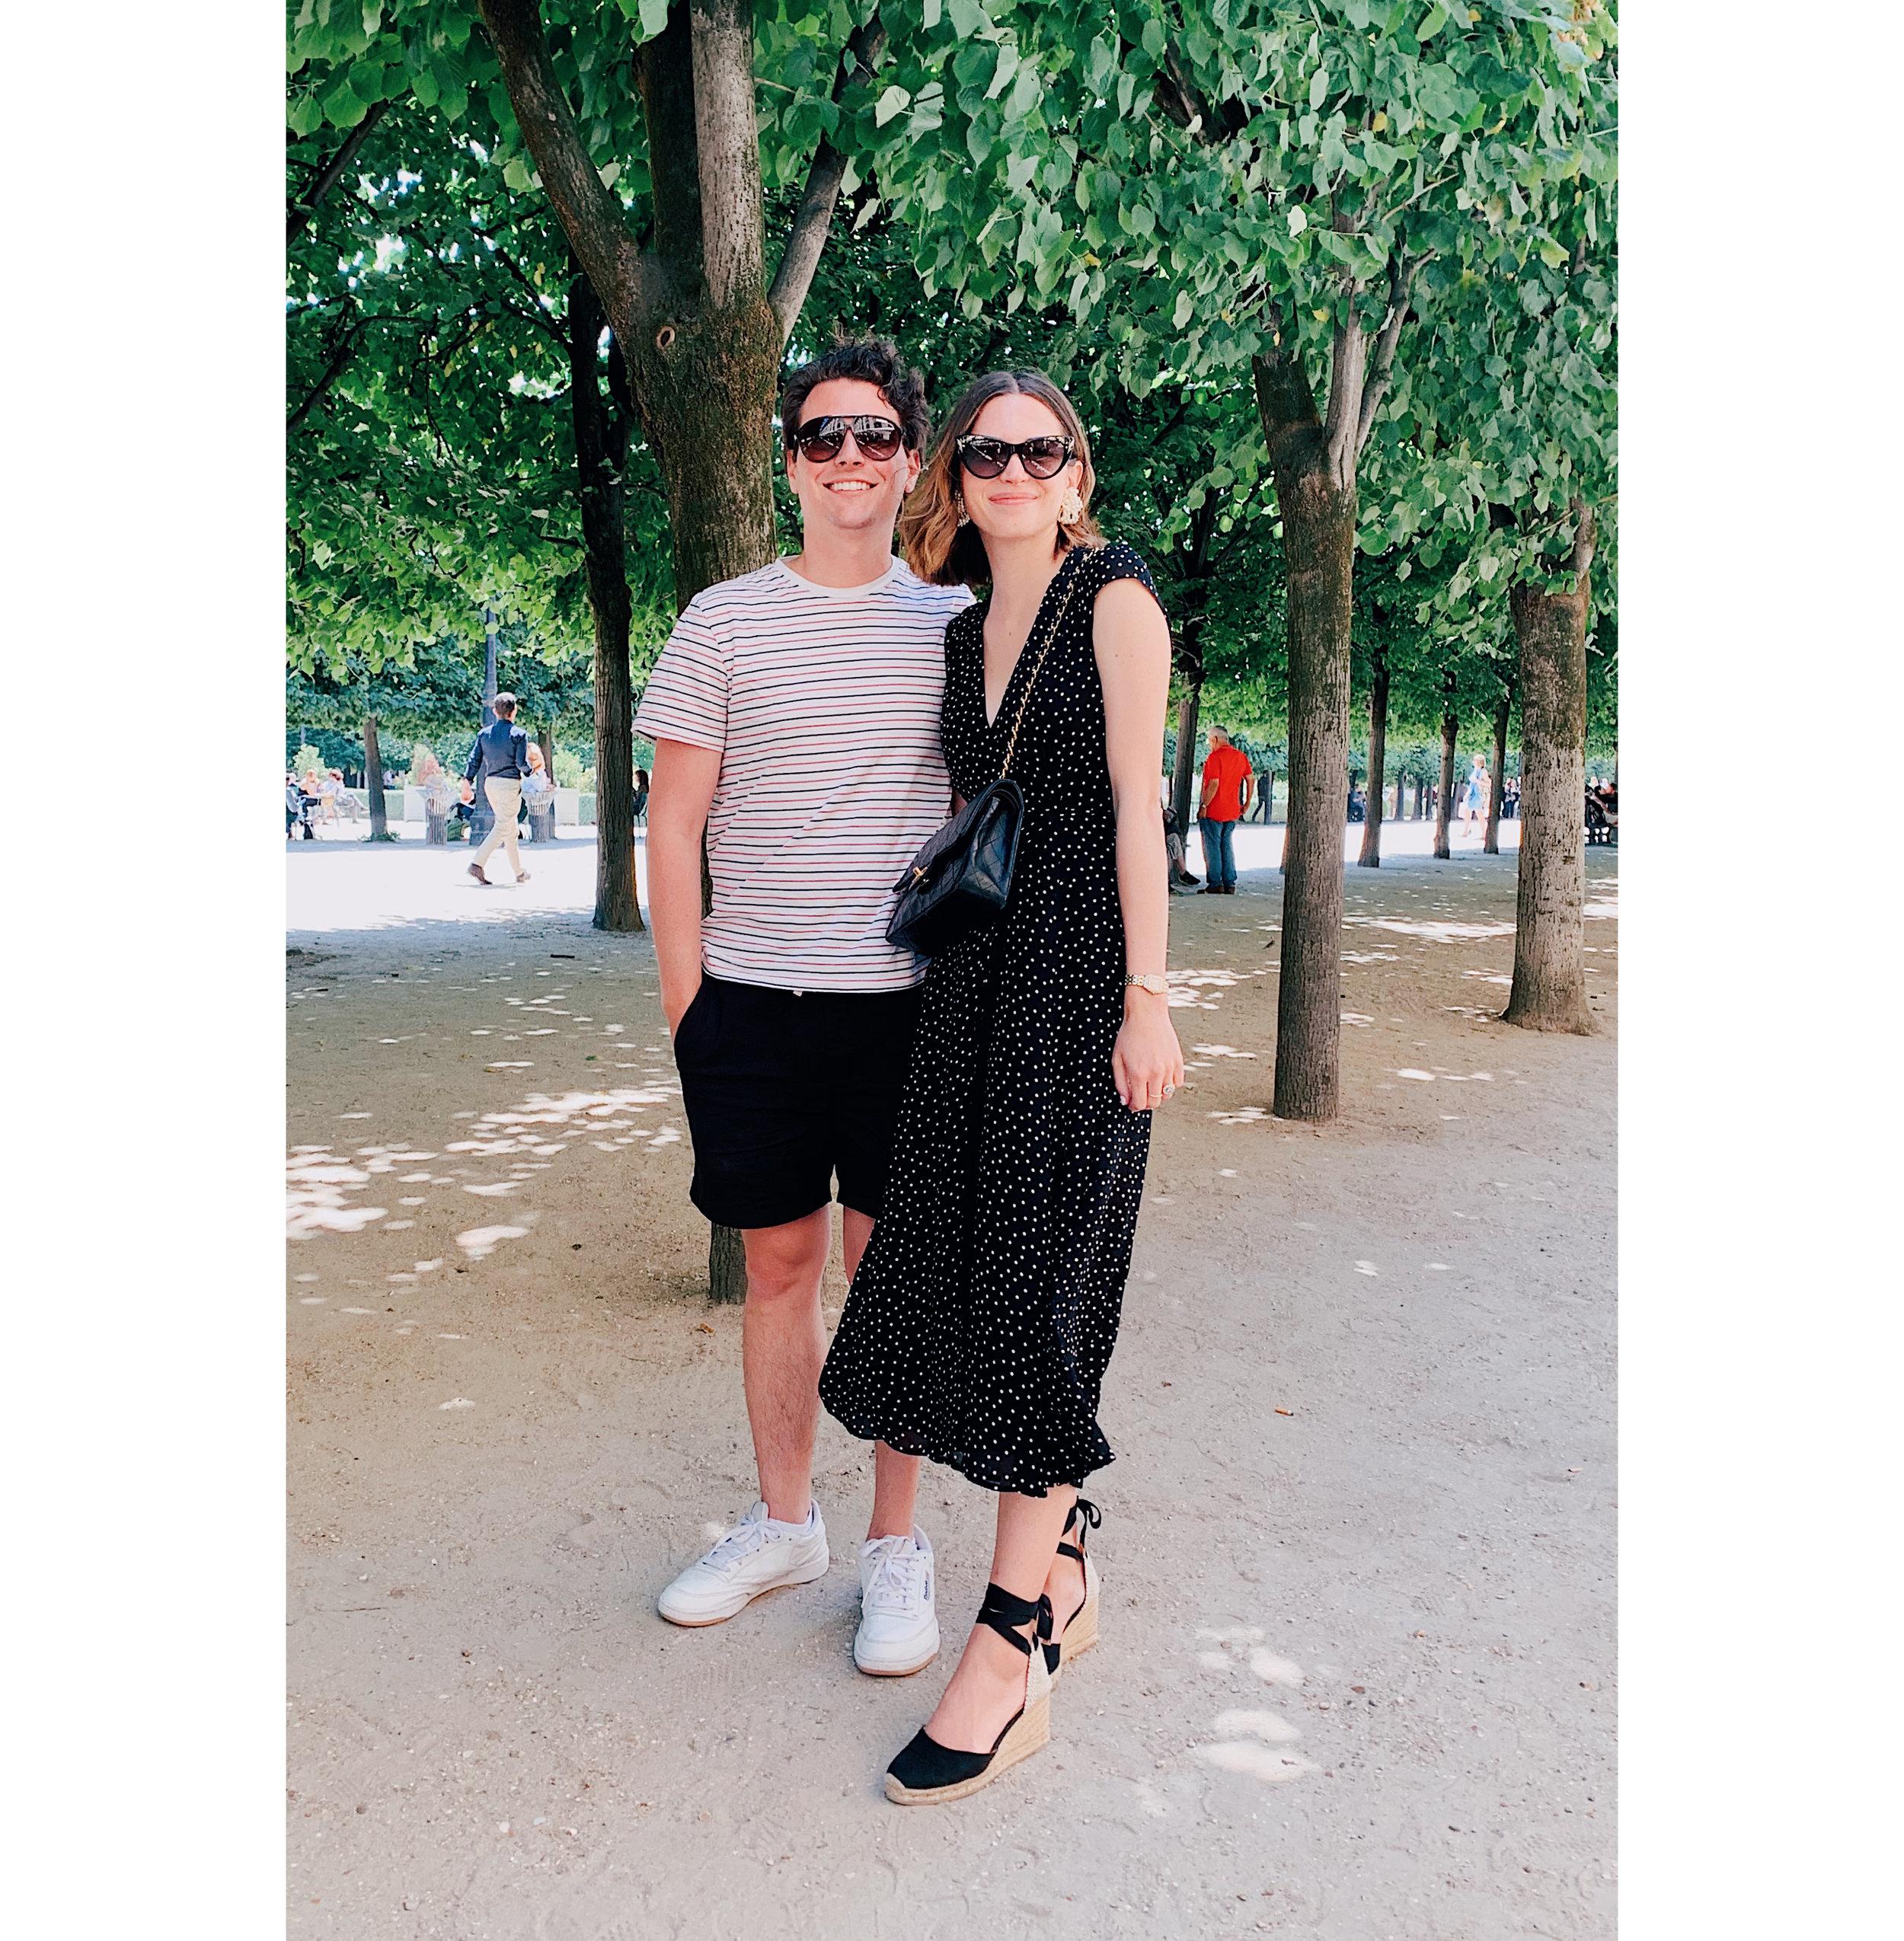 Paris 10 Palais Royal.jpg